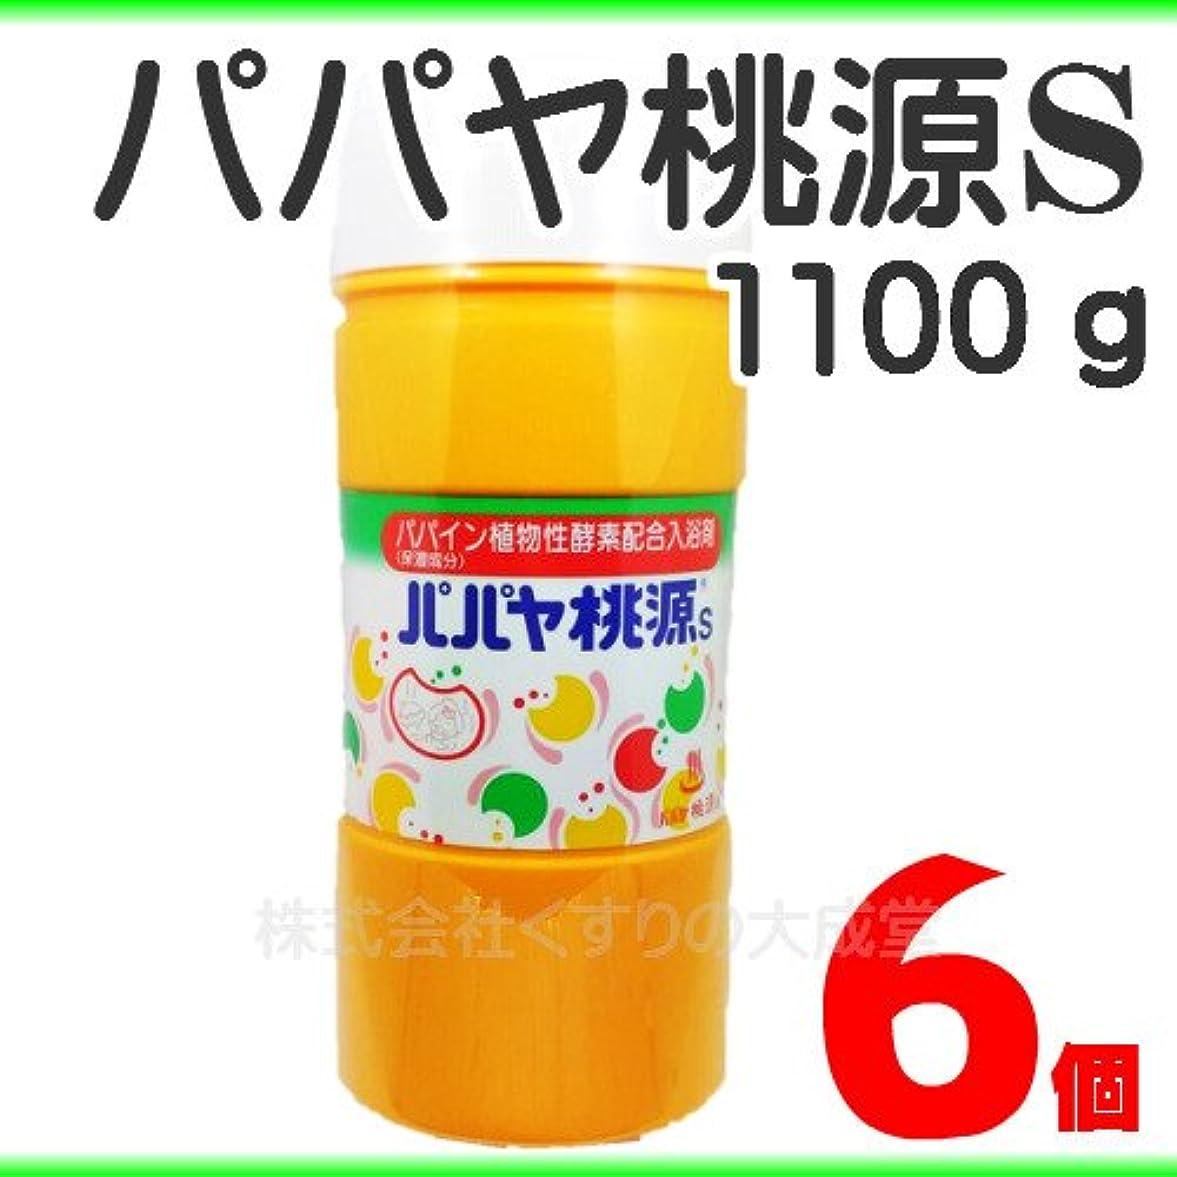 生産的溝鷹パパヤ桃源S 1100g 6個 医薬部外品